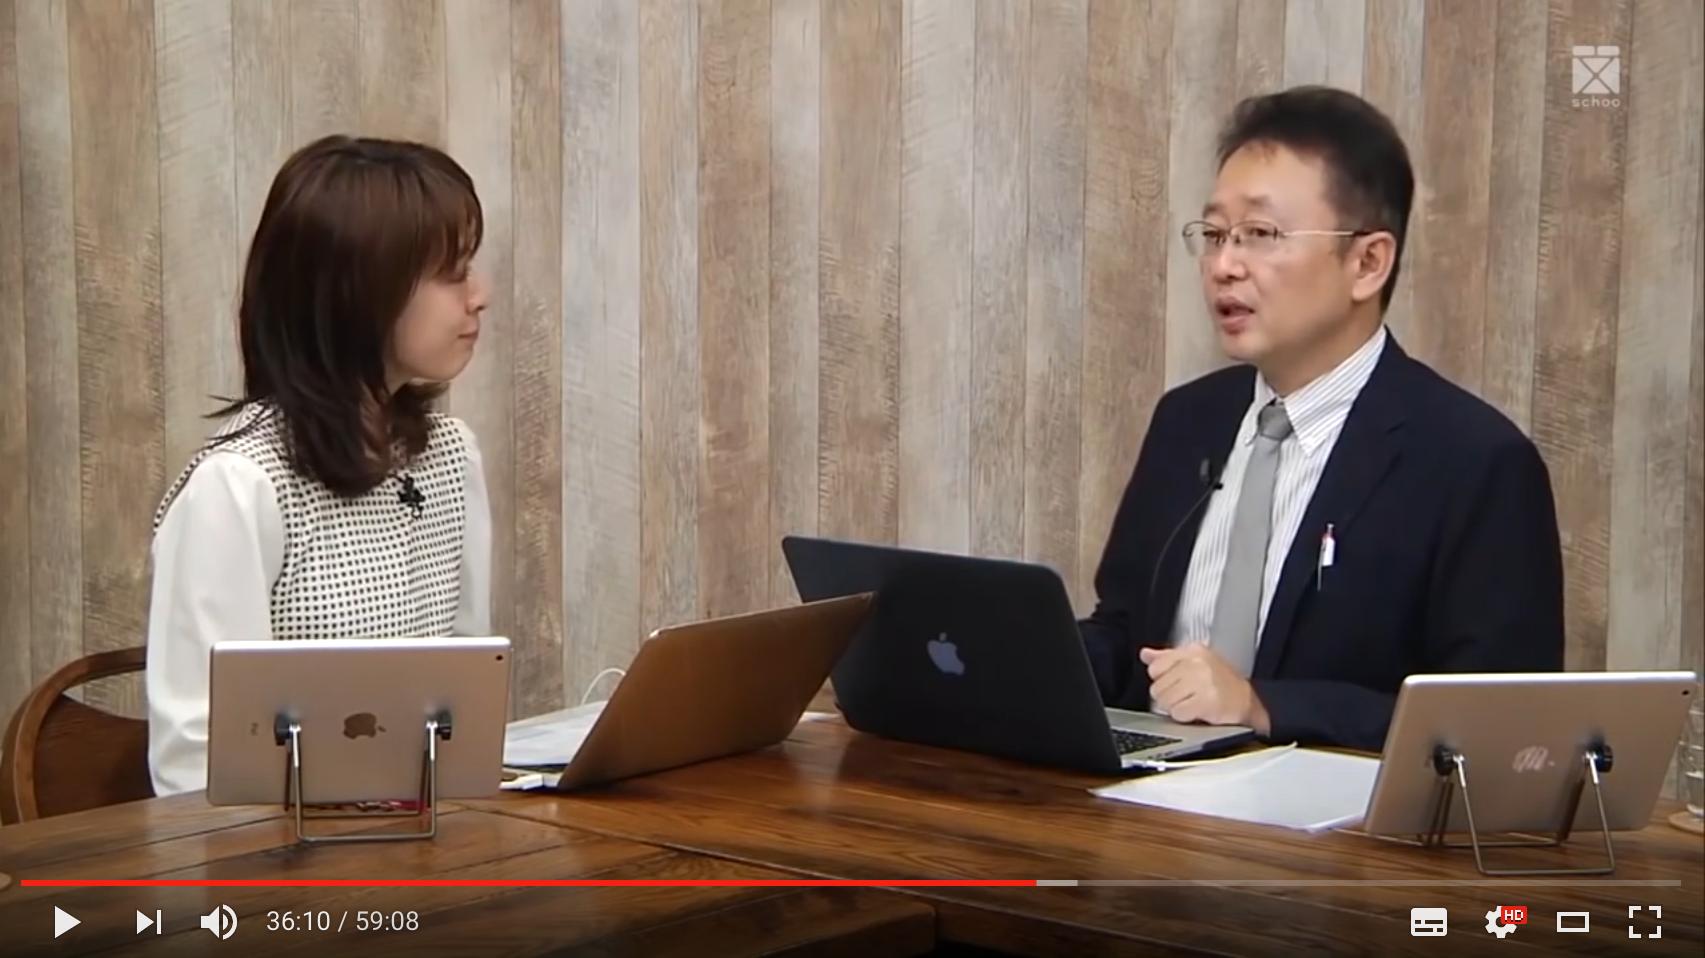 エンタープライズコンテンツ管理~実践編(契約書管理)